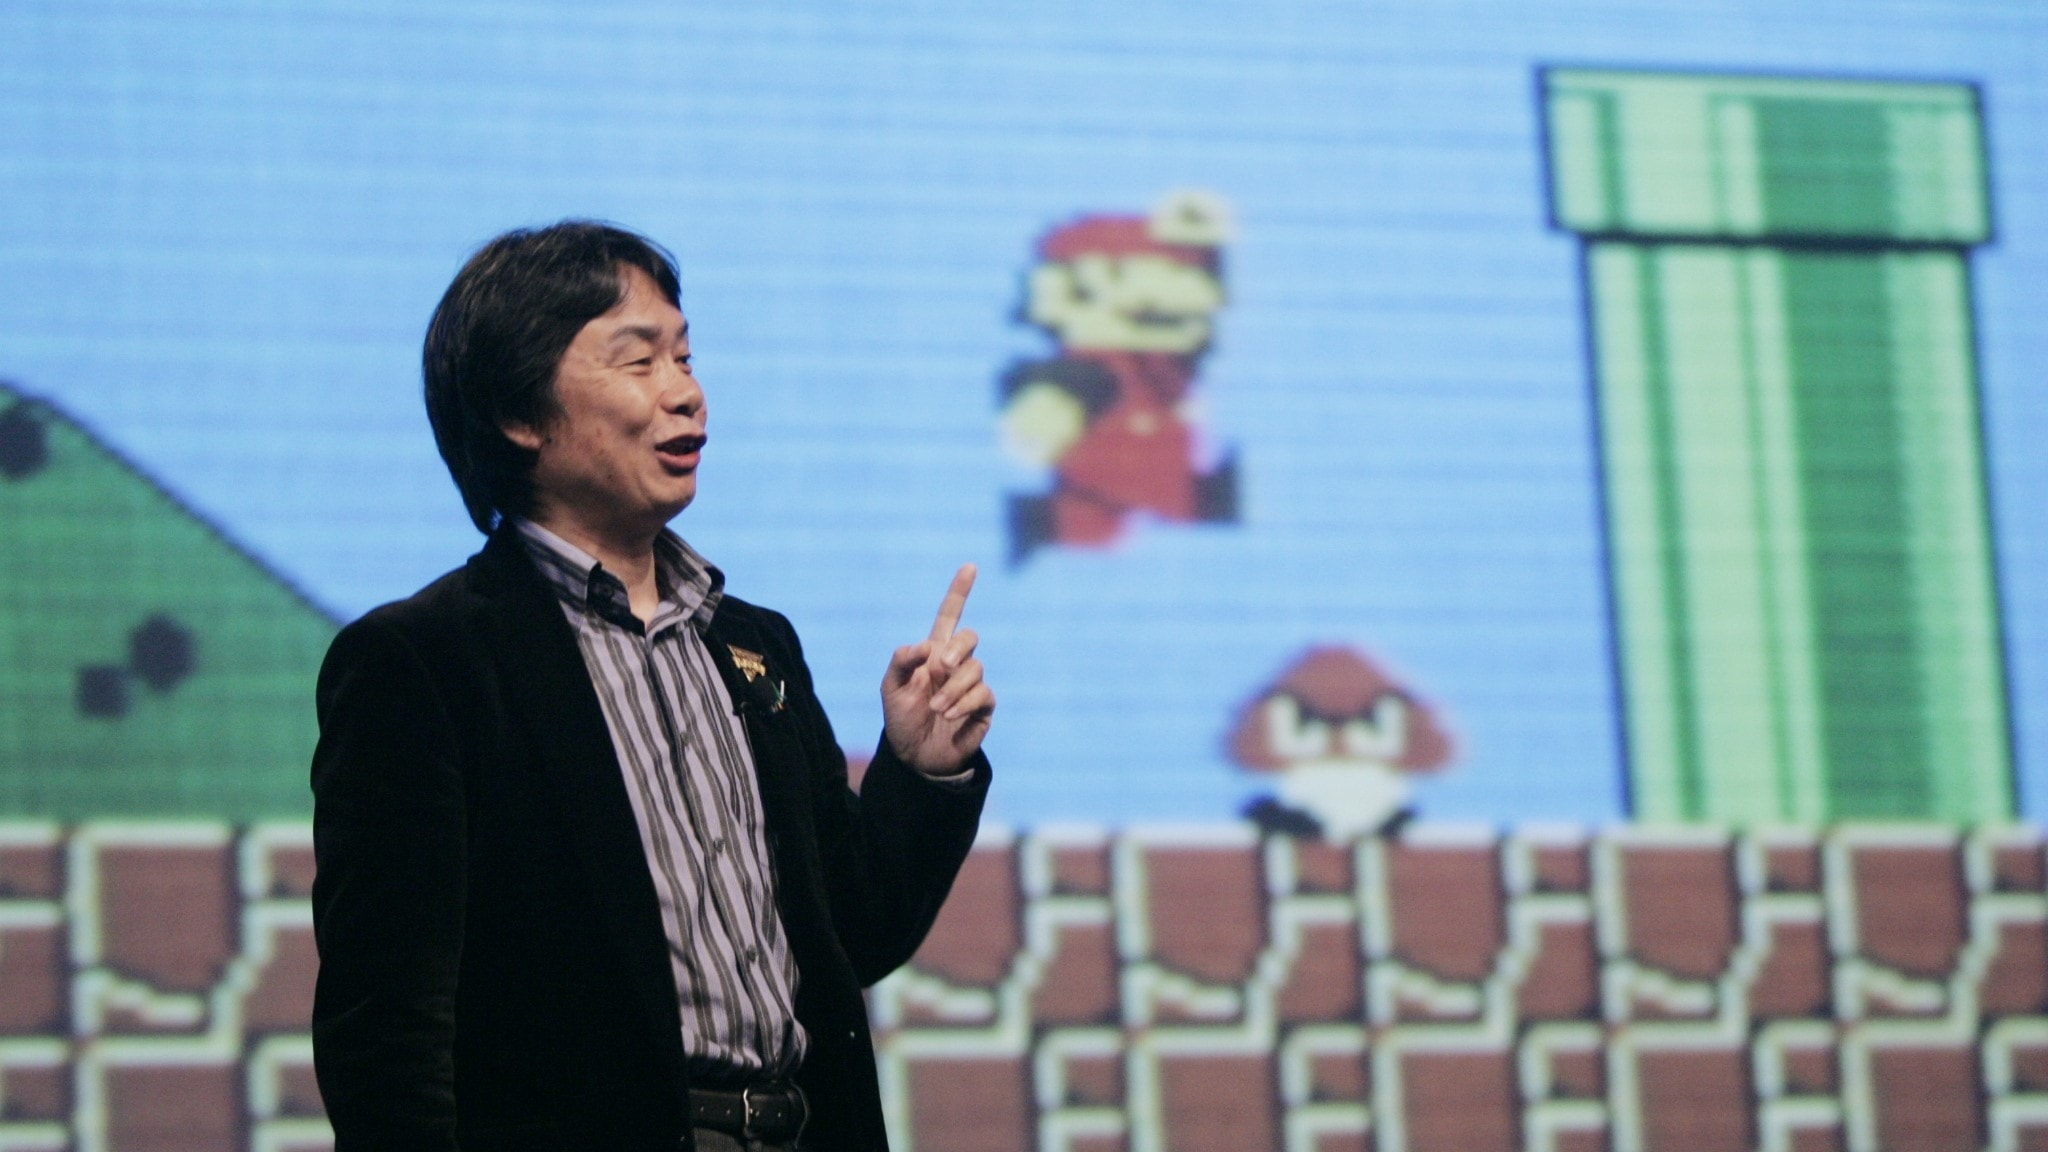 Marios skapare Shigeru Miyamoto håller en föreläsning om spelkaraktären Mario